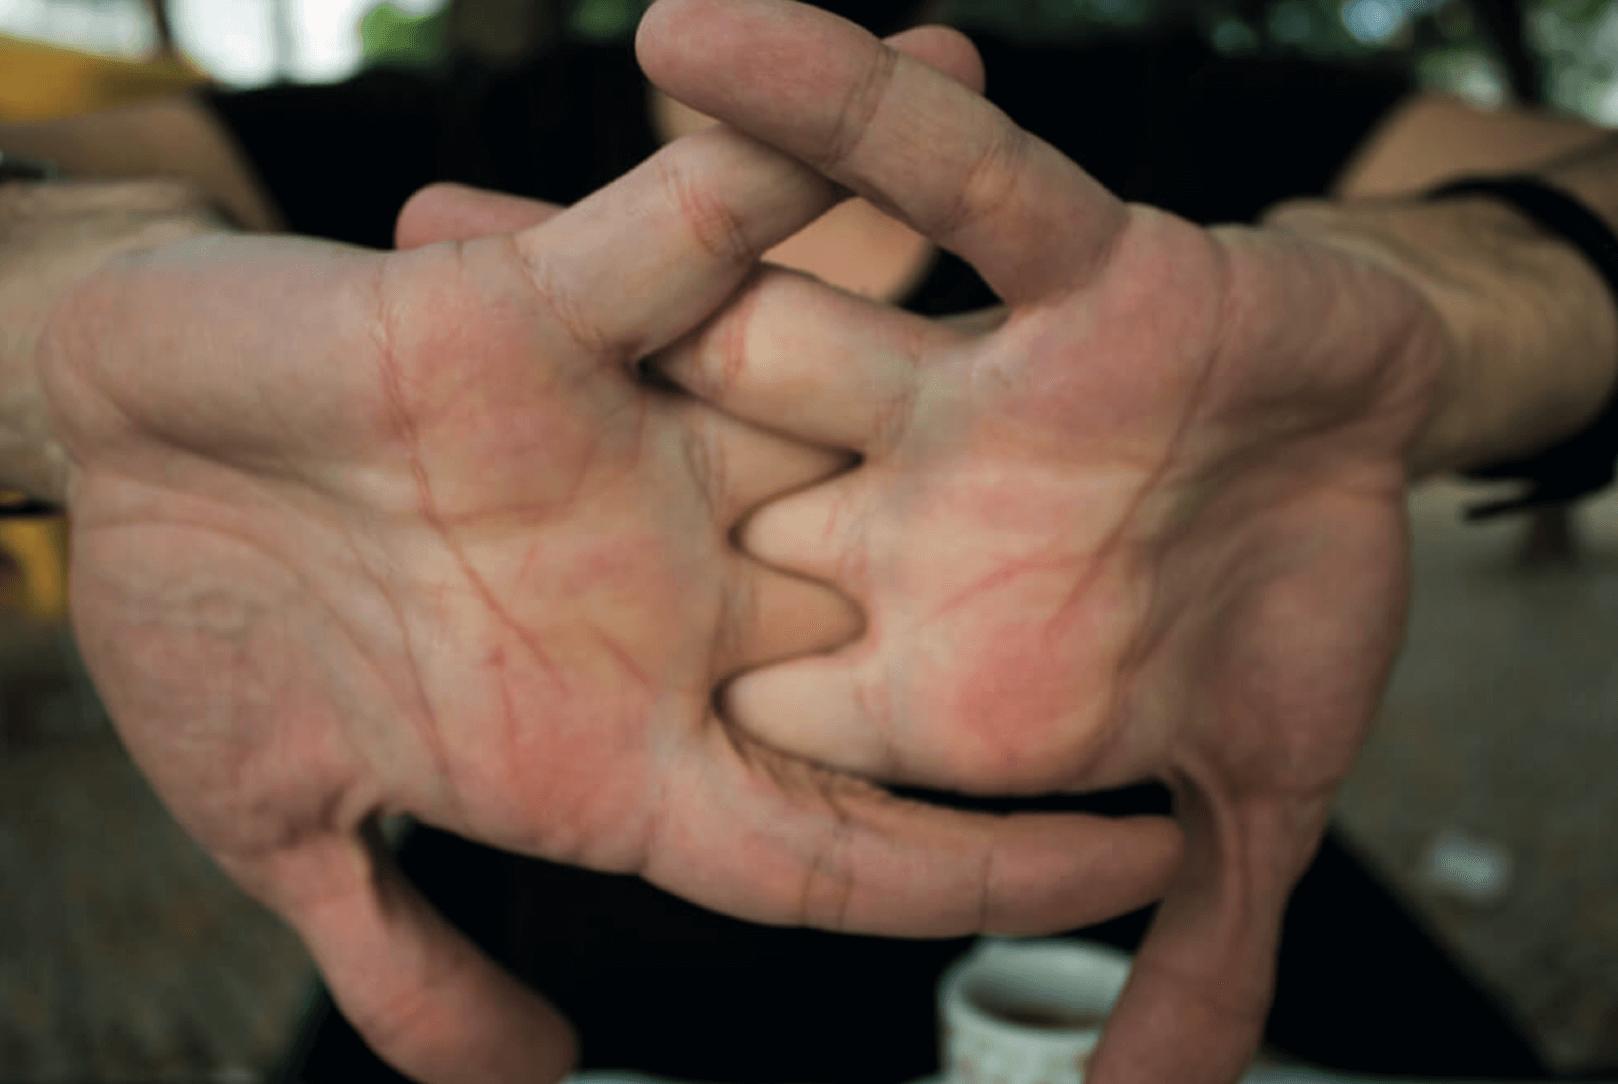 קנאקים באצבעות לא מזיקים או מסוכנים - מדע - מדע פלוס